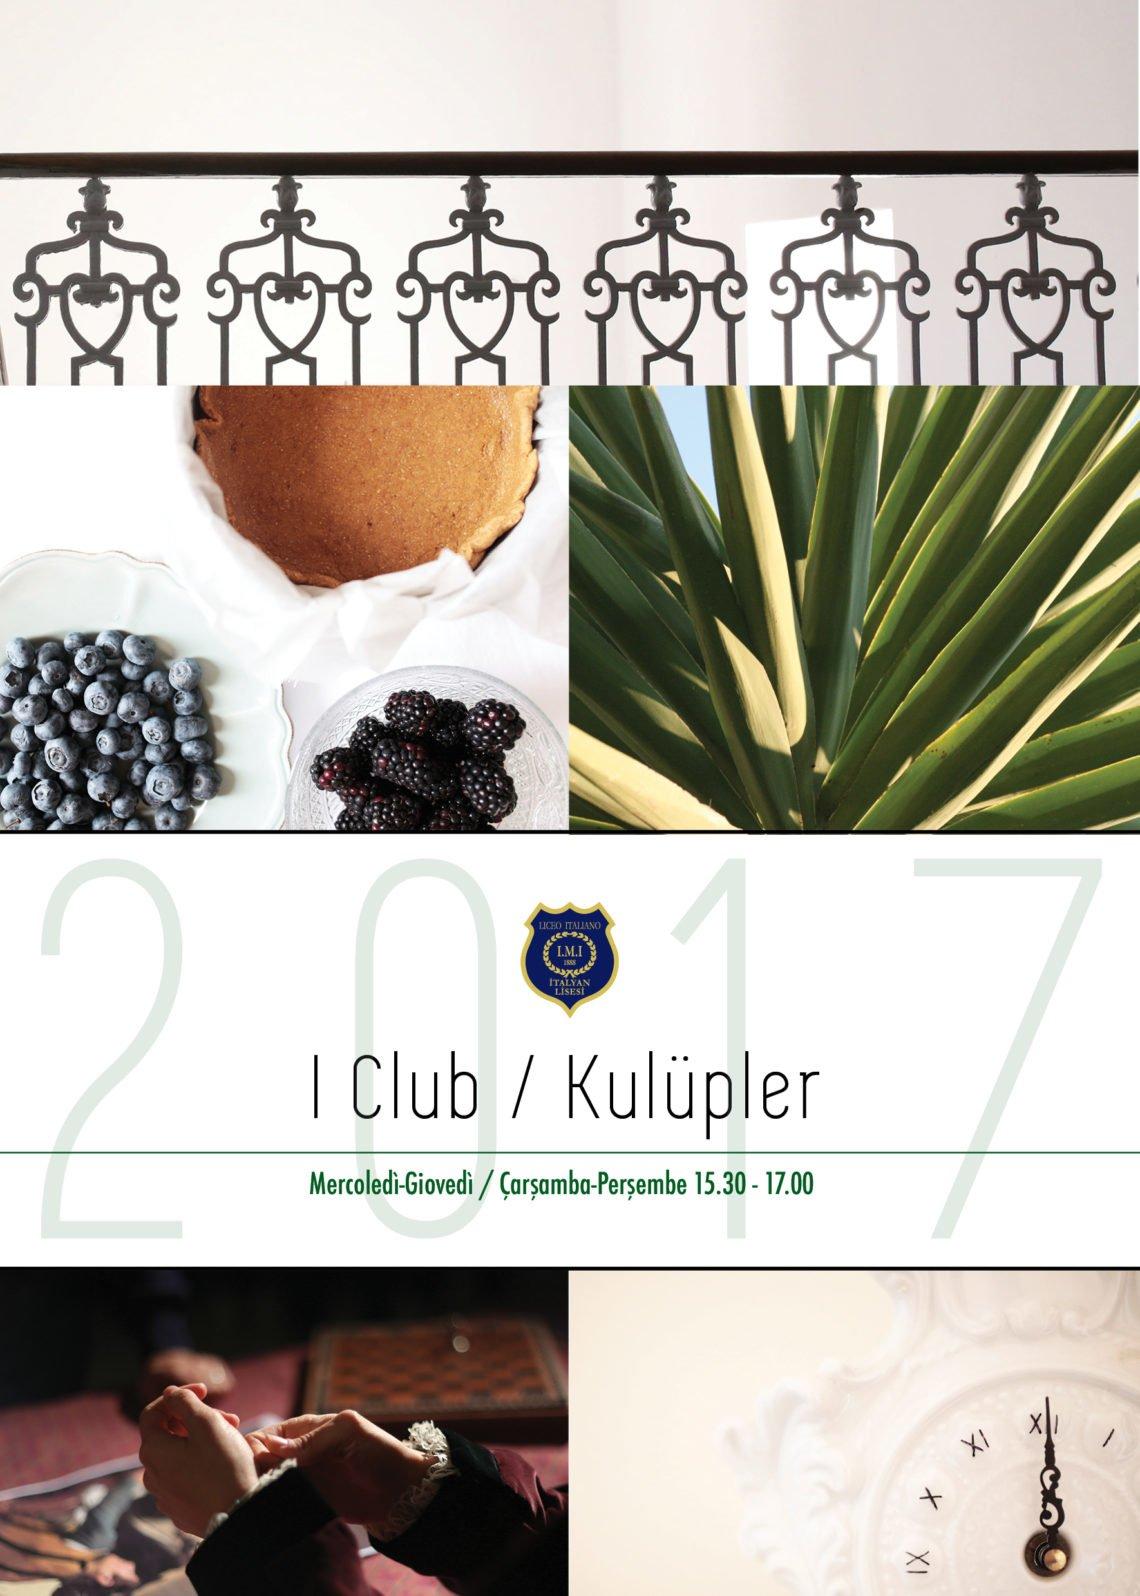 copertina-brochure-club